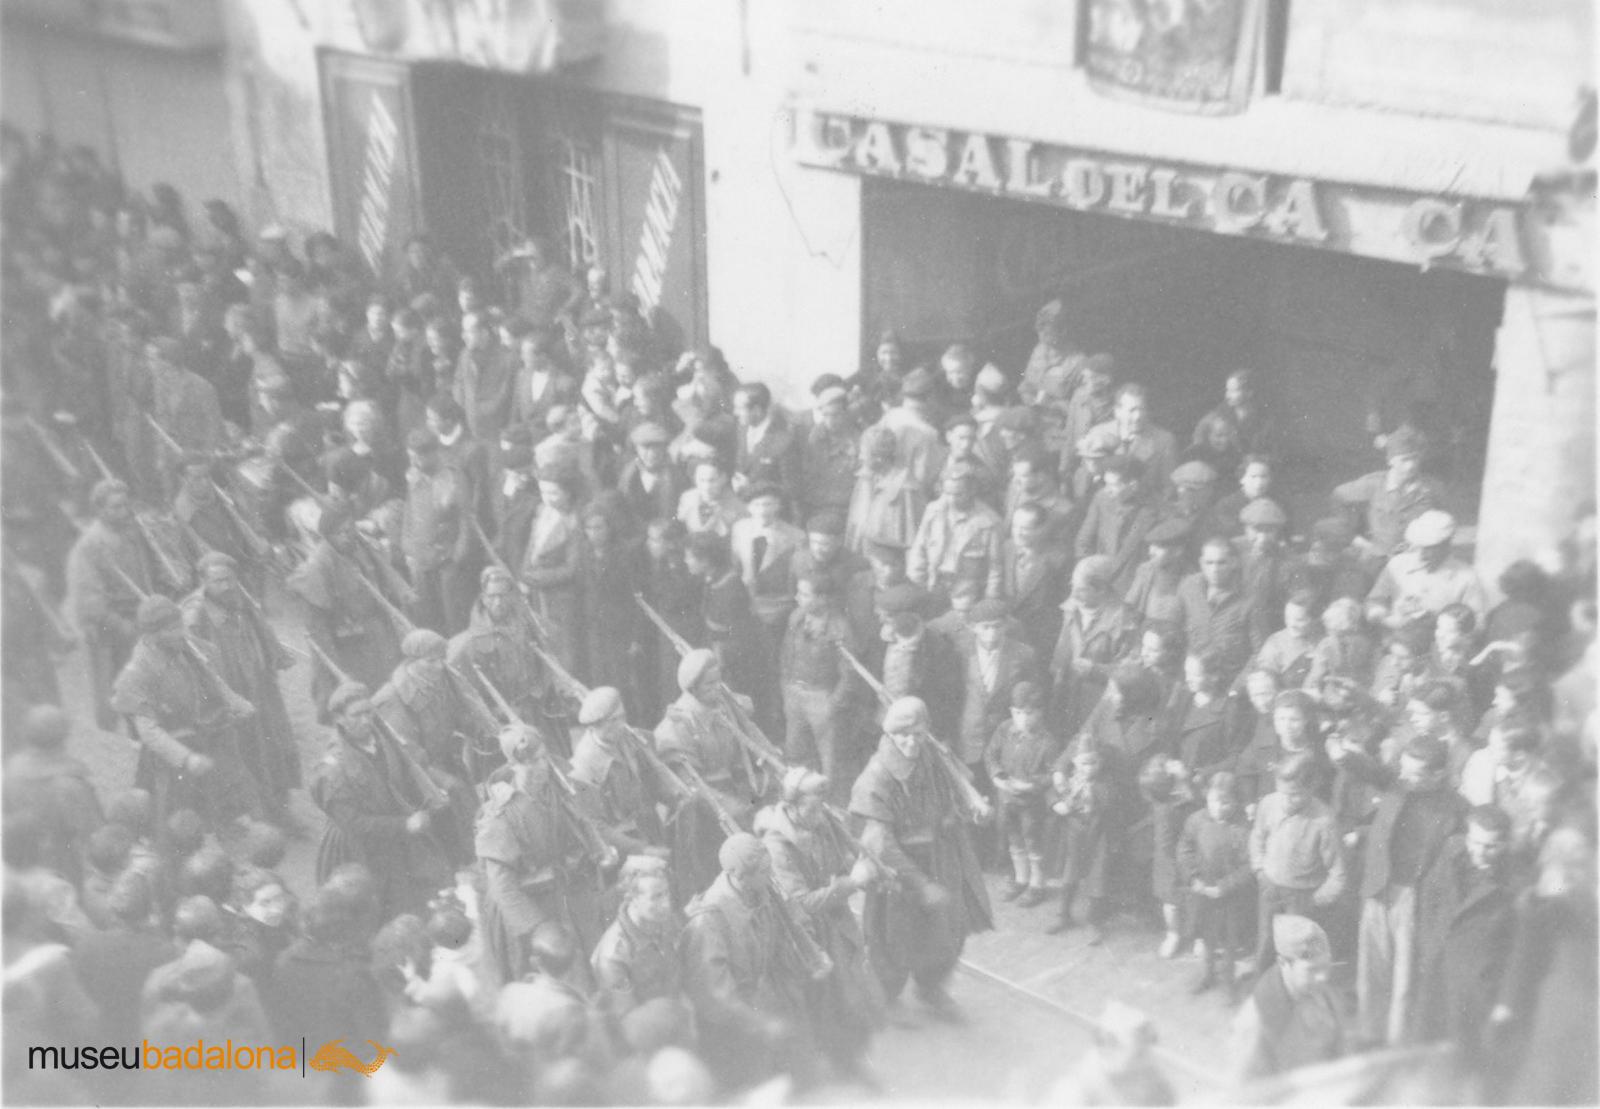 Vuitanta anys del 27 de gener de 1939